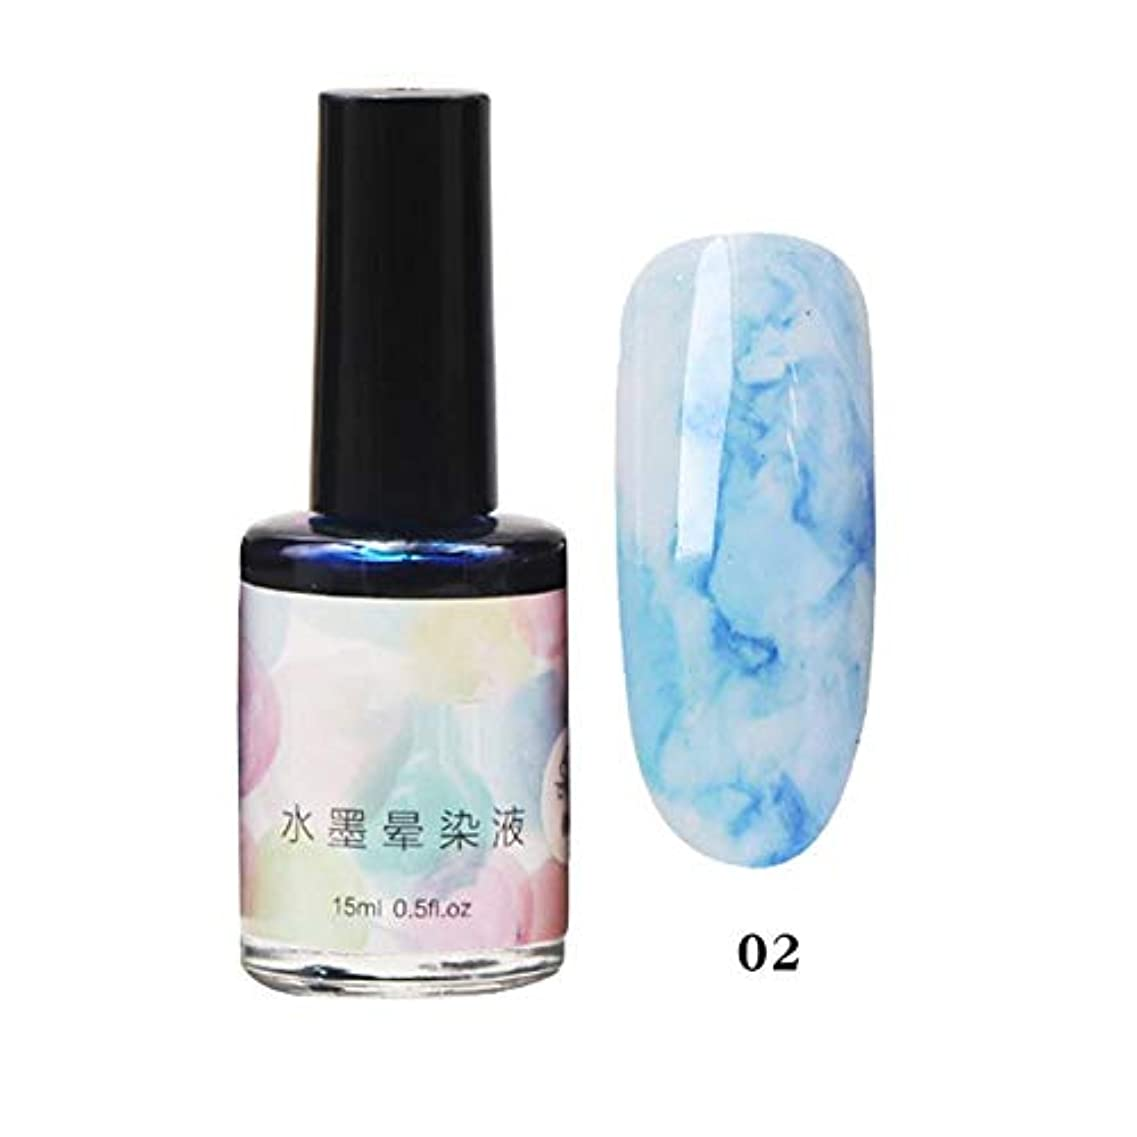 宅配便タブレットエイリアス11色選べる ネイルポリッシュ マニキュア ネイルアート 美しい 水墨柄 ネイルカラー 液体 爪に塗って乾かす 初心者でも簡単に使用できる junexi